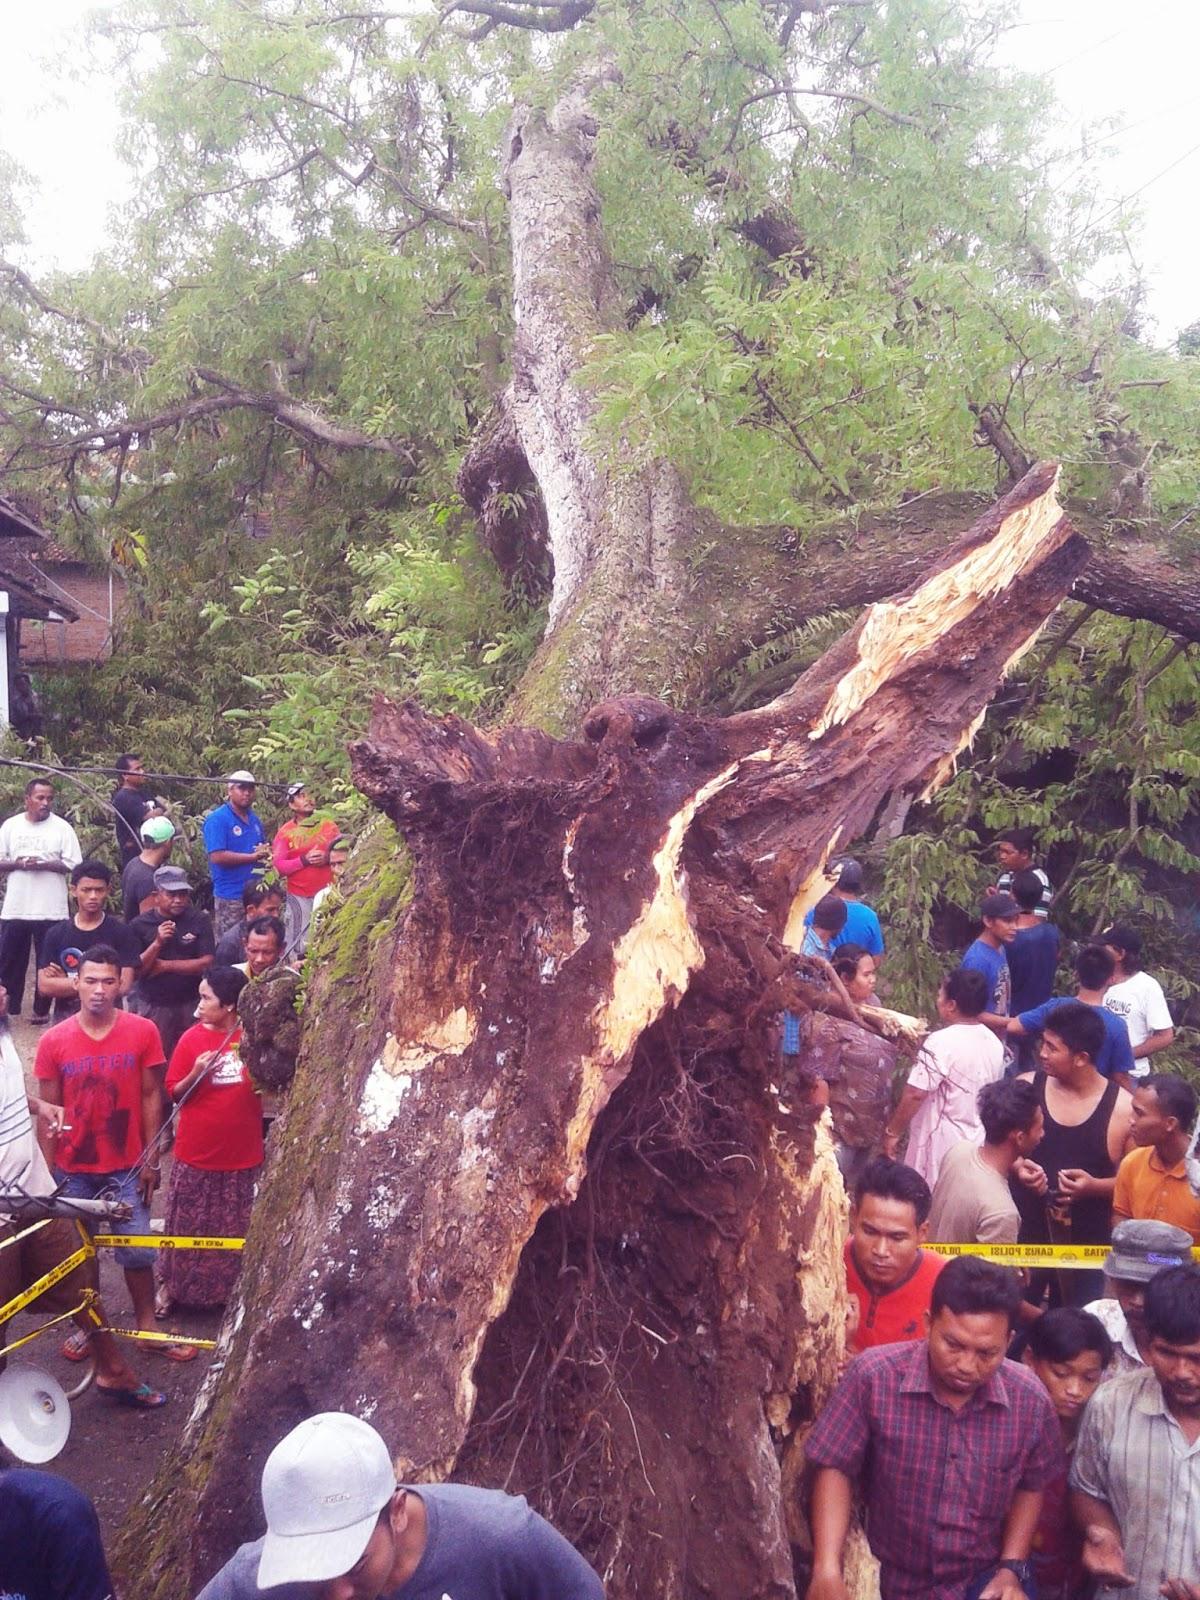 Keajaiban dibalik Peristiwa Tumbangnya Pohon Asem Kemis